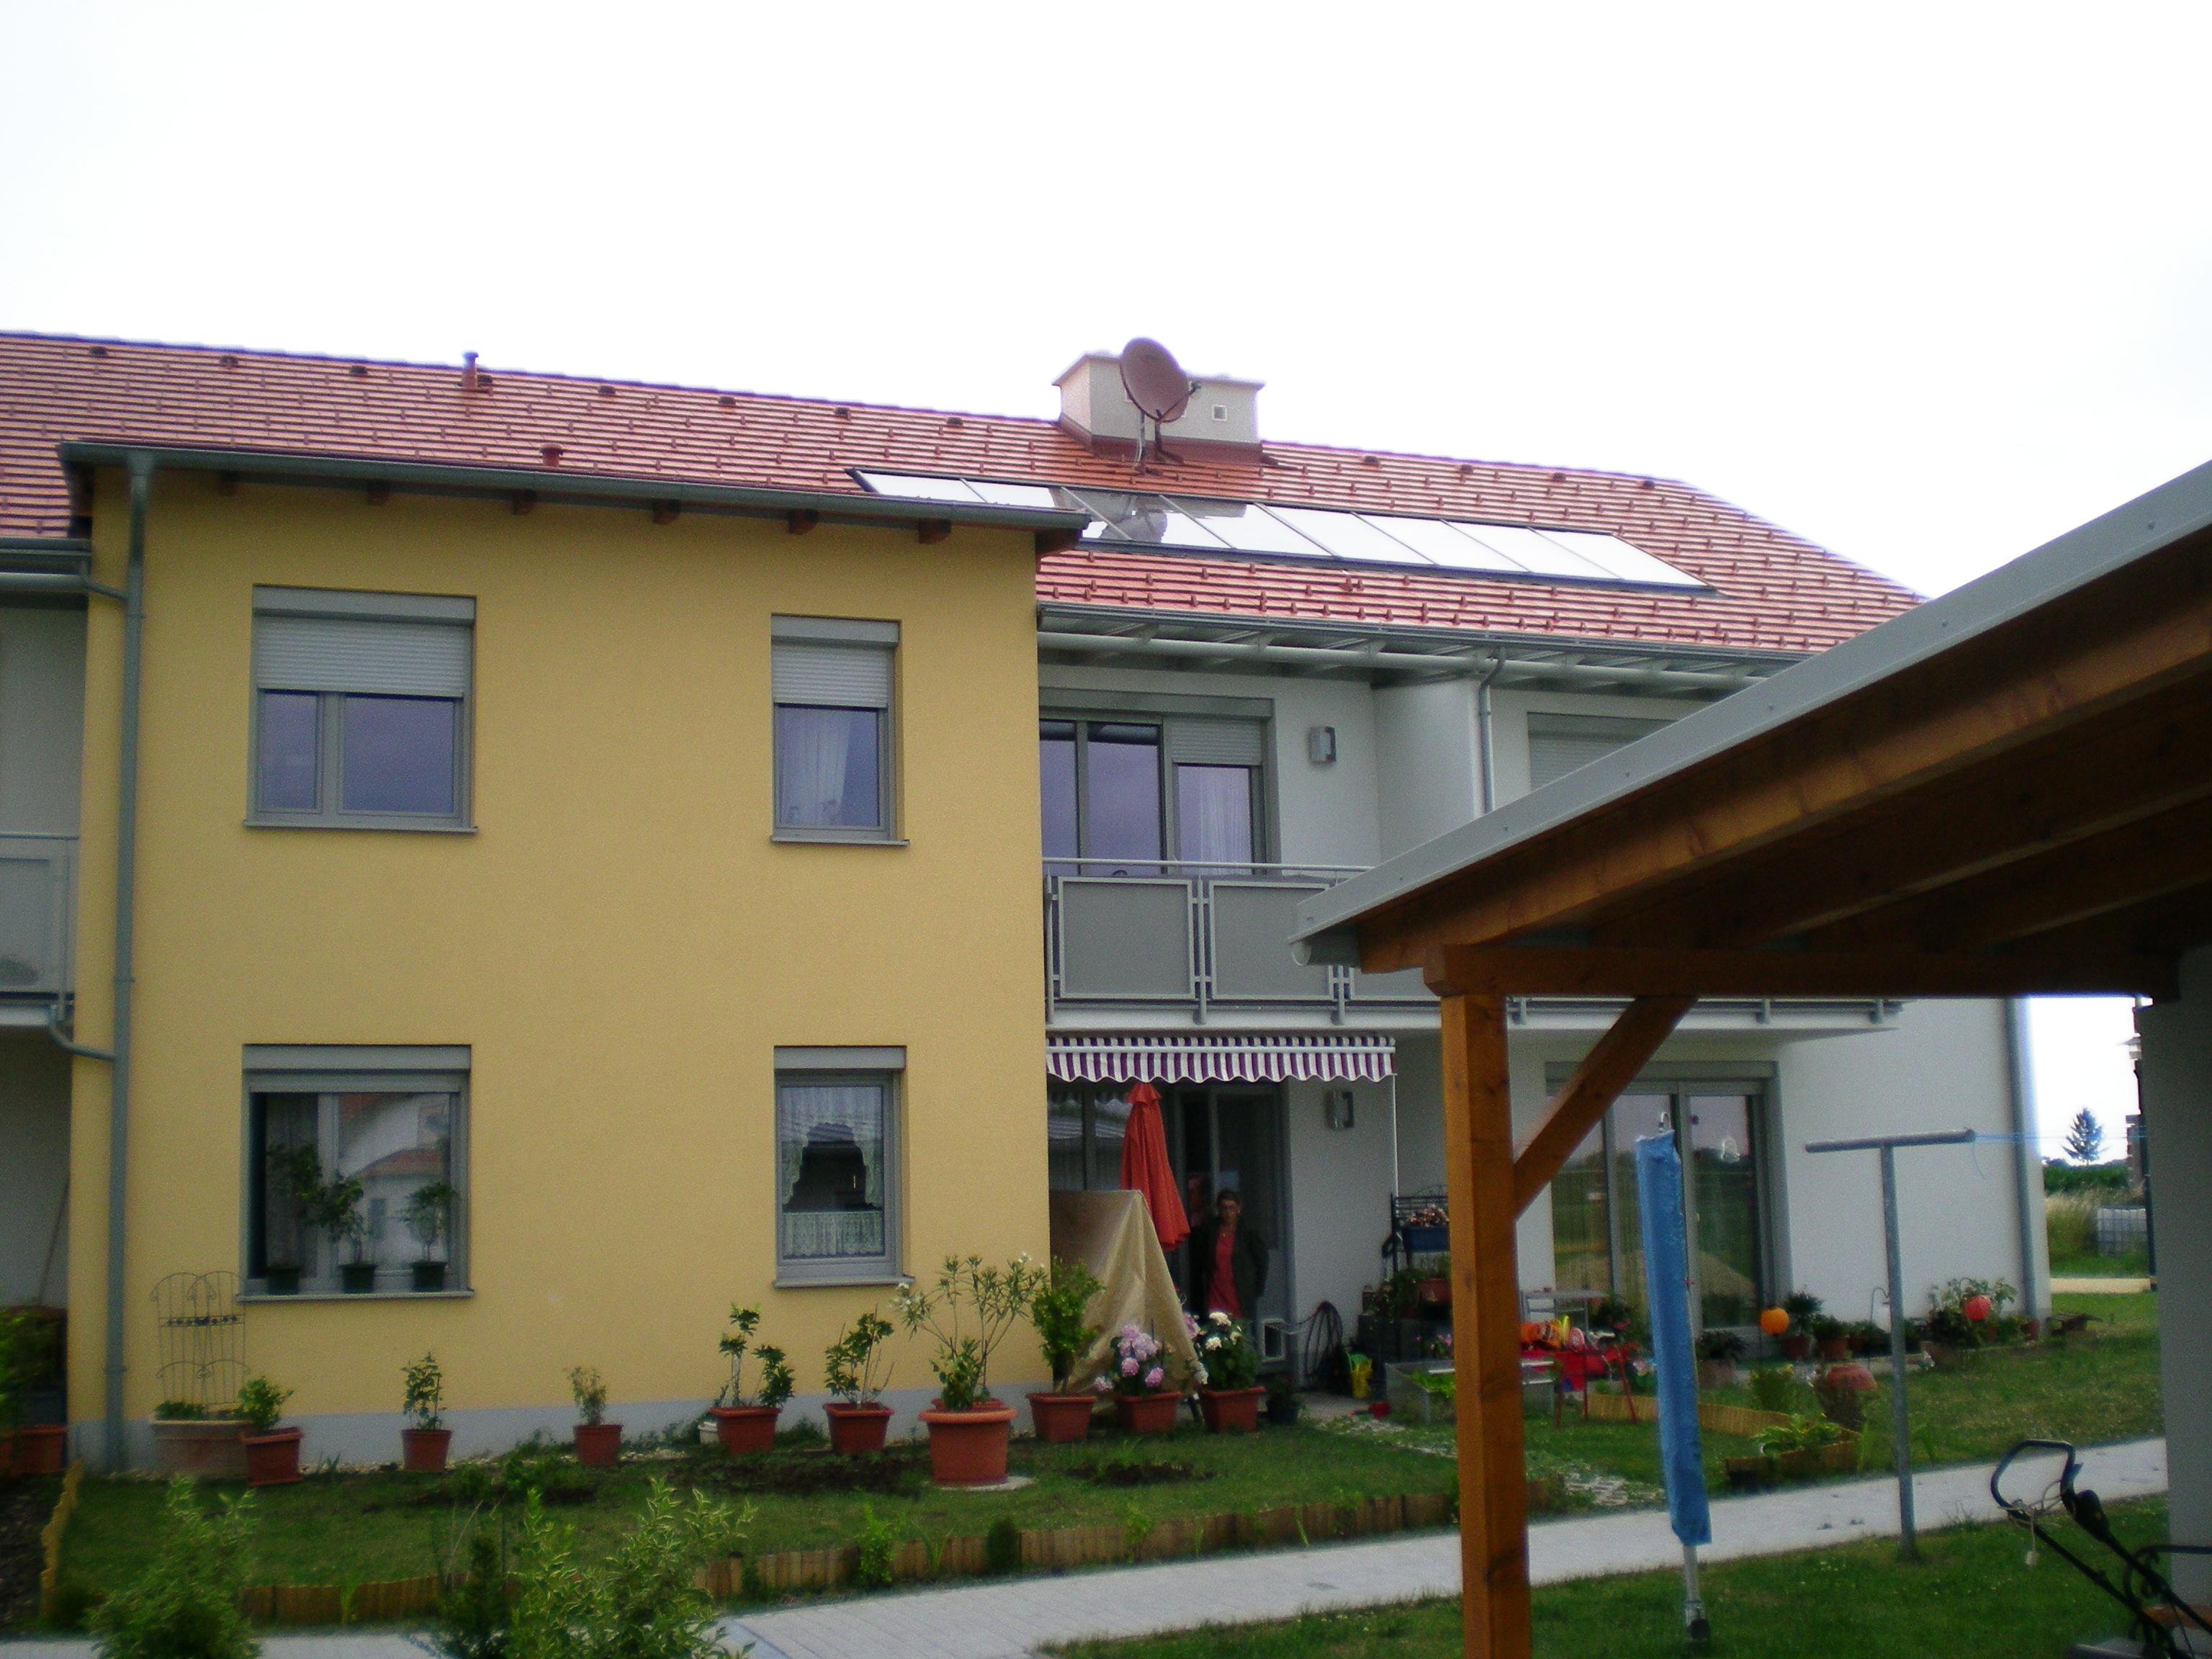 Immobilie von Kamptal in 2064 Wulzeshofen, Mistelbach, Wulzeshofen I/1 - Top 103 #9